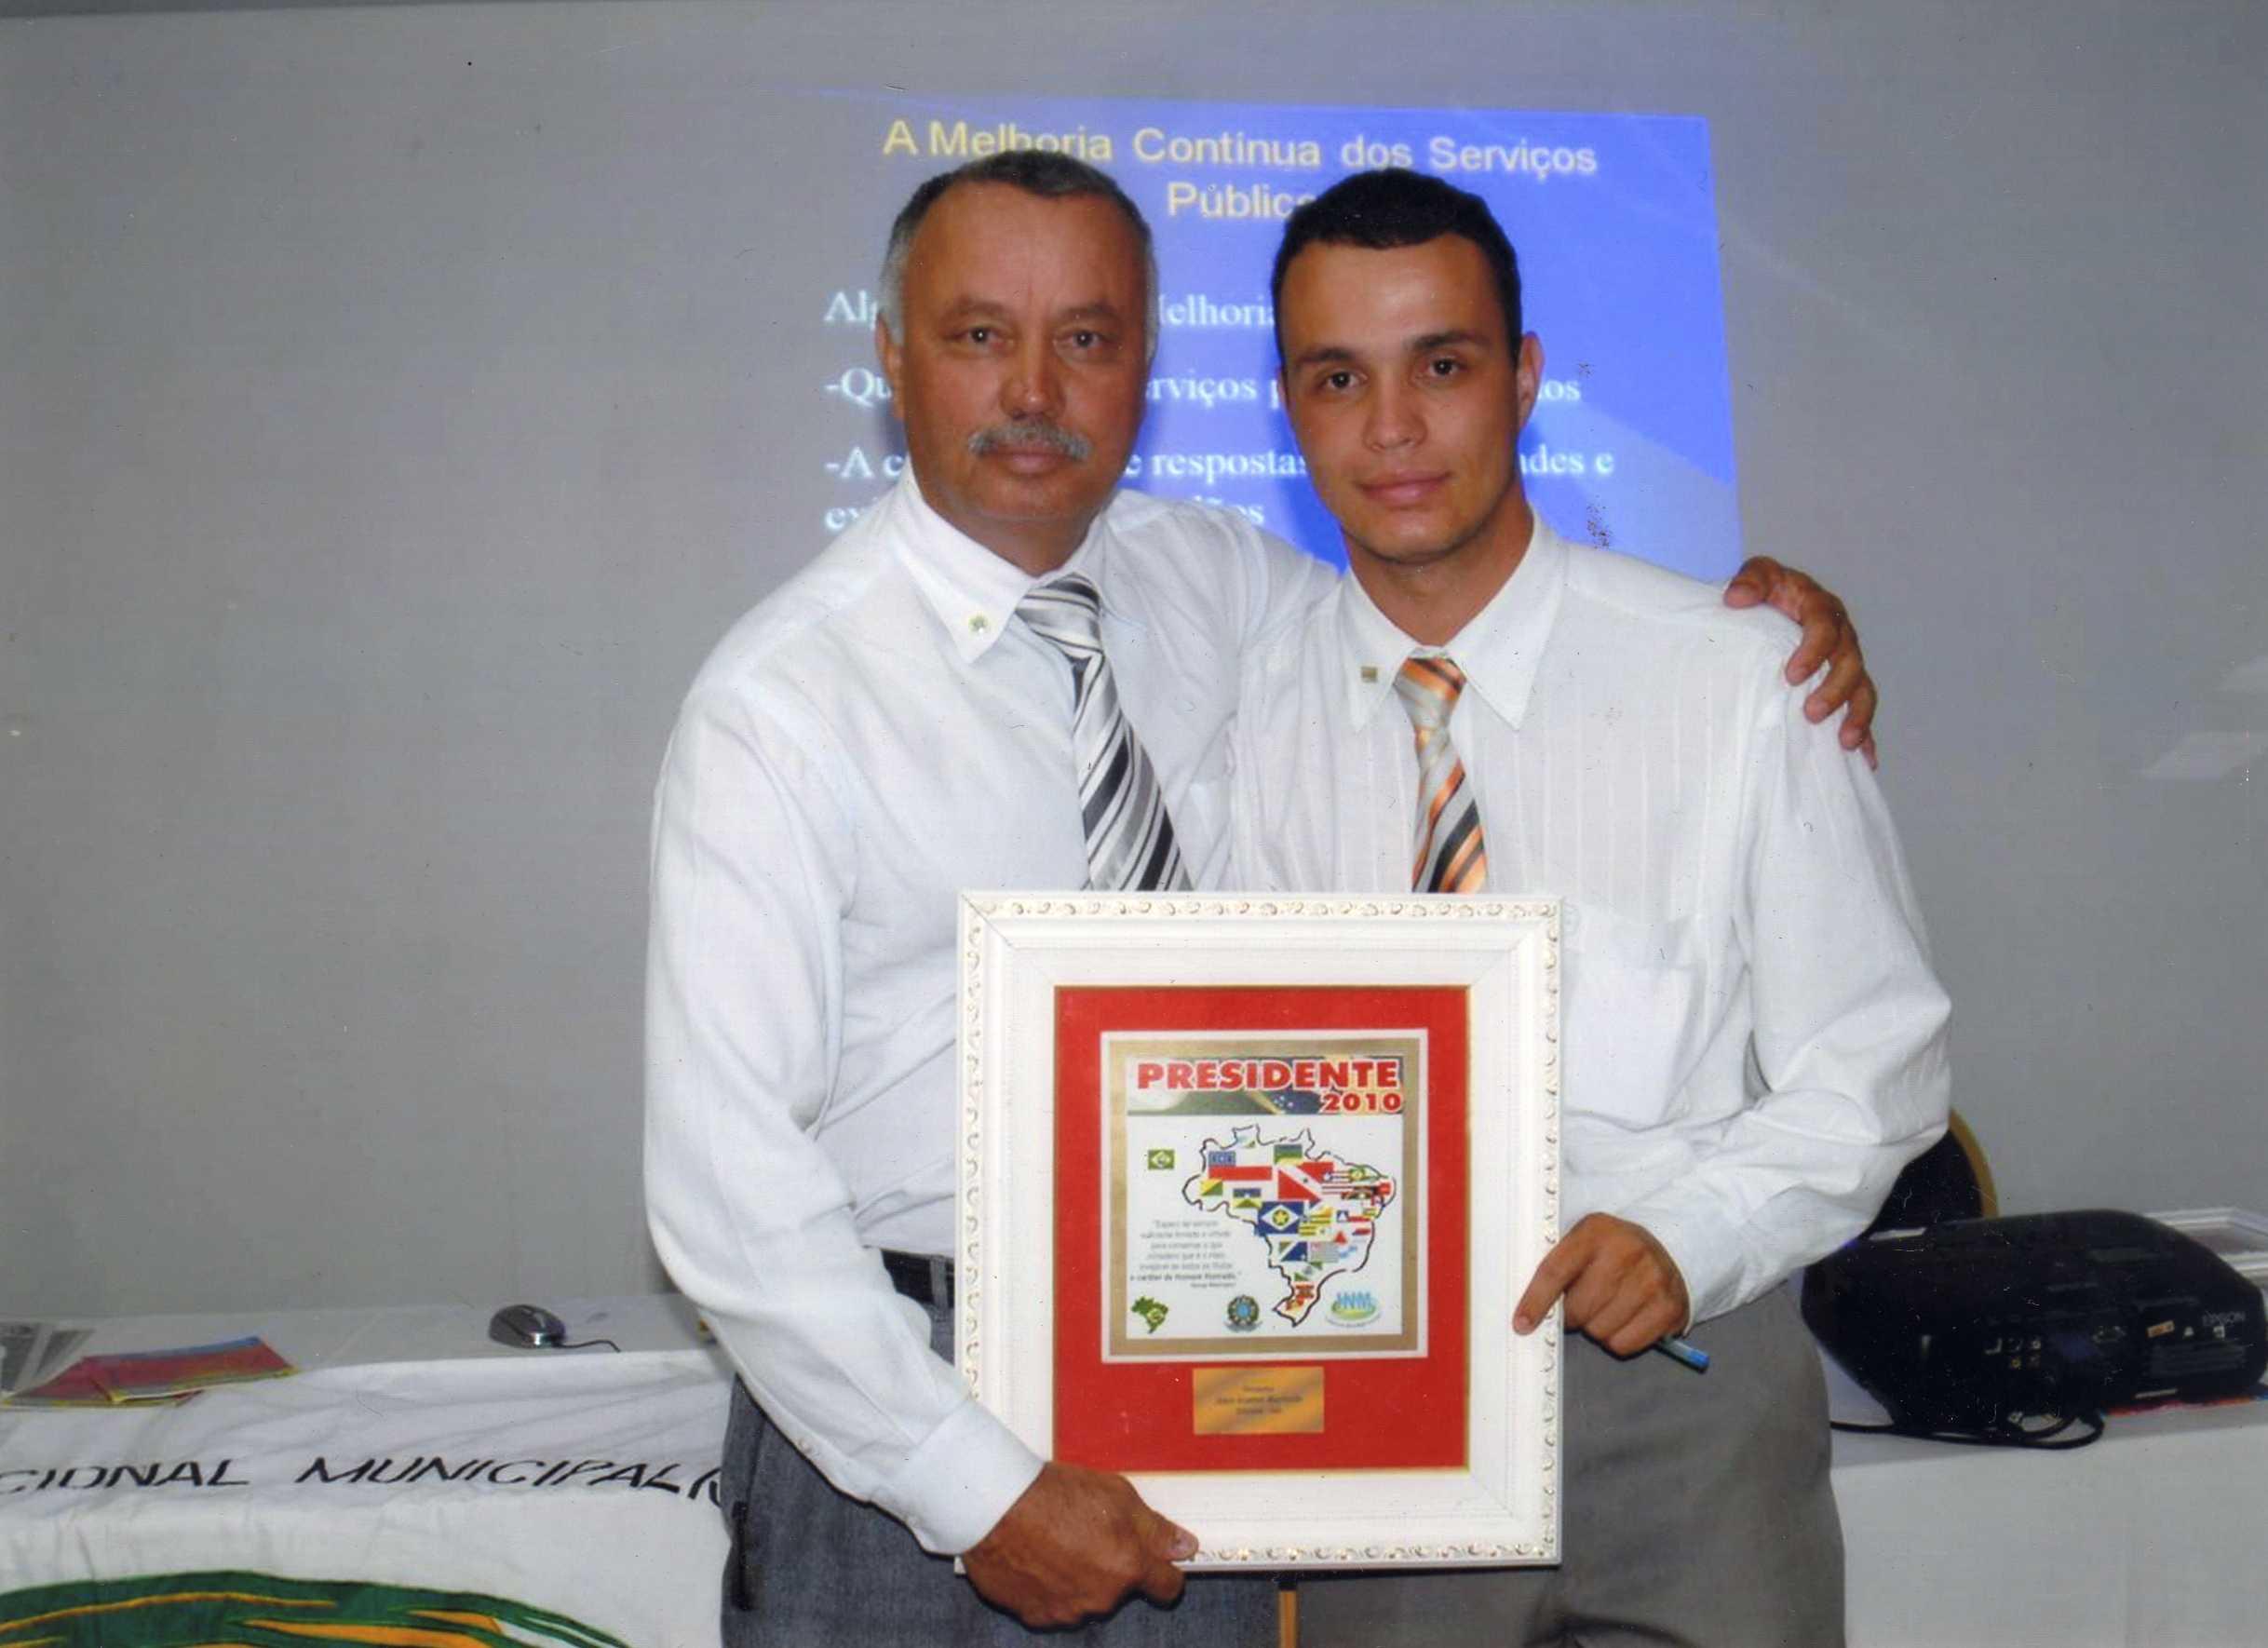 Entrega de Titulo de Melhor Presidente de Câmara do Brasil - Ano 2010